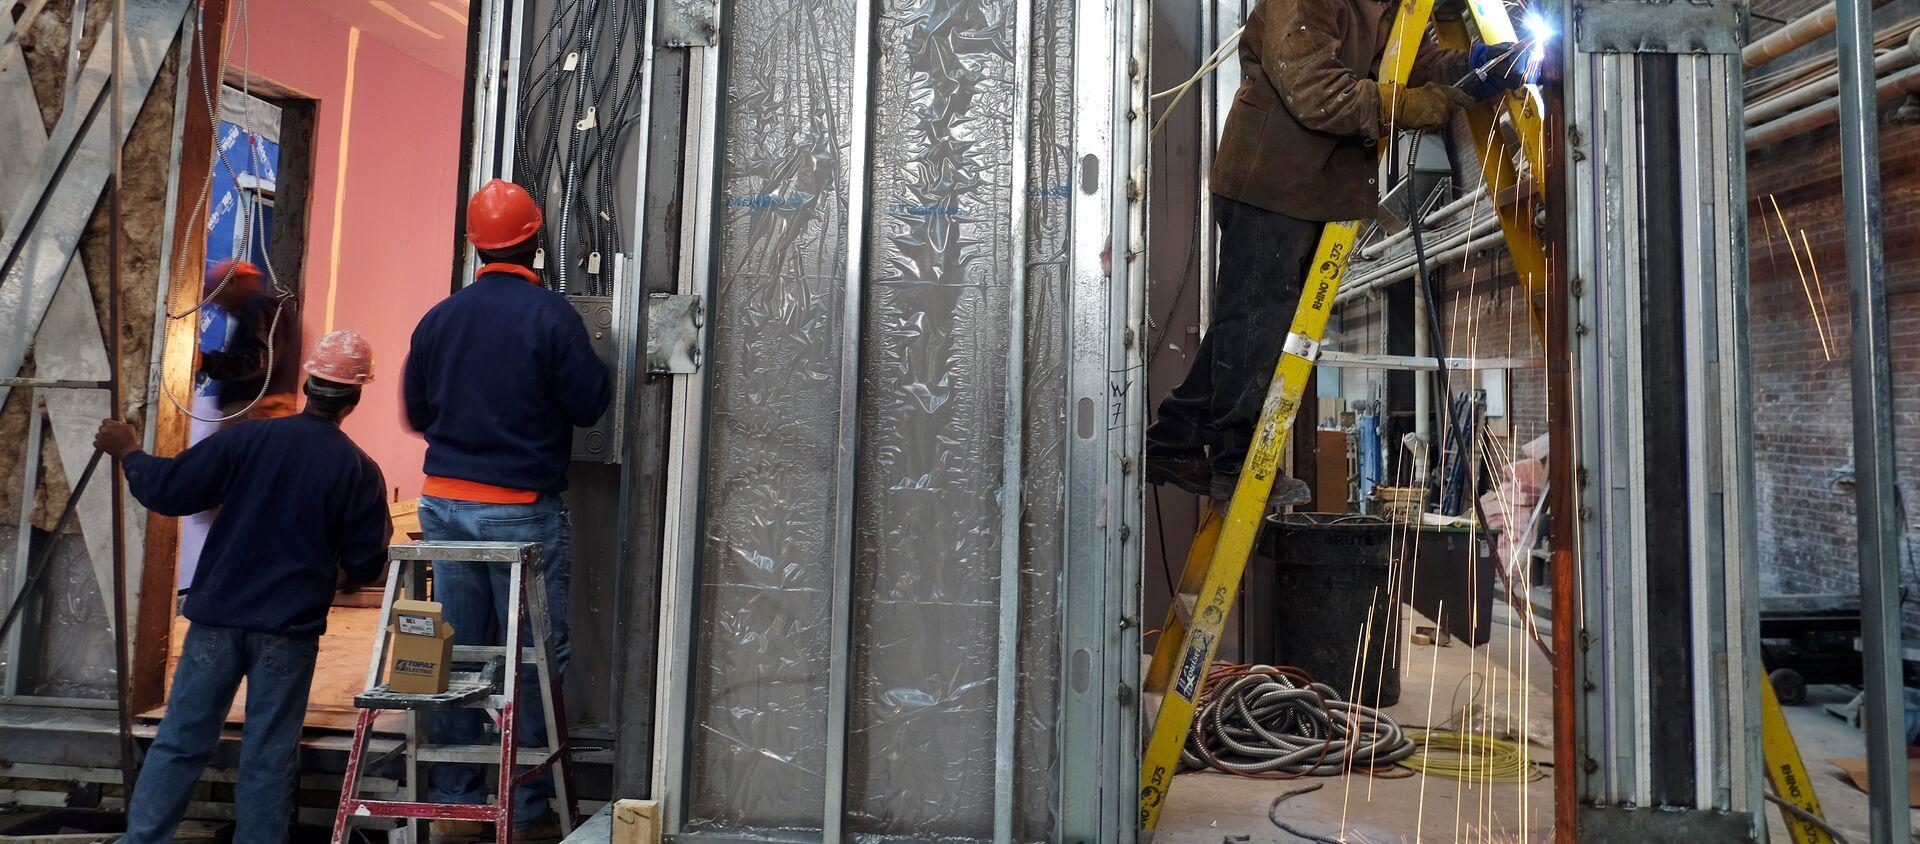 Радници граде модуларну стамбену јединицу у фабрици у Њујорку - Sputnik Србија, 1920, 03.04.2021